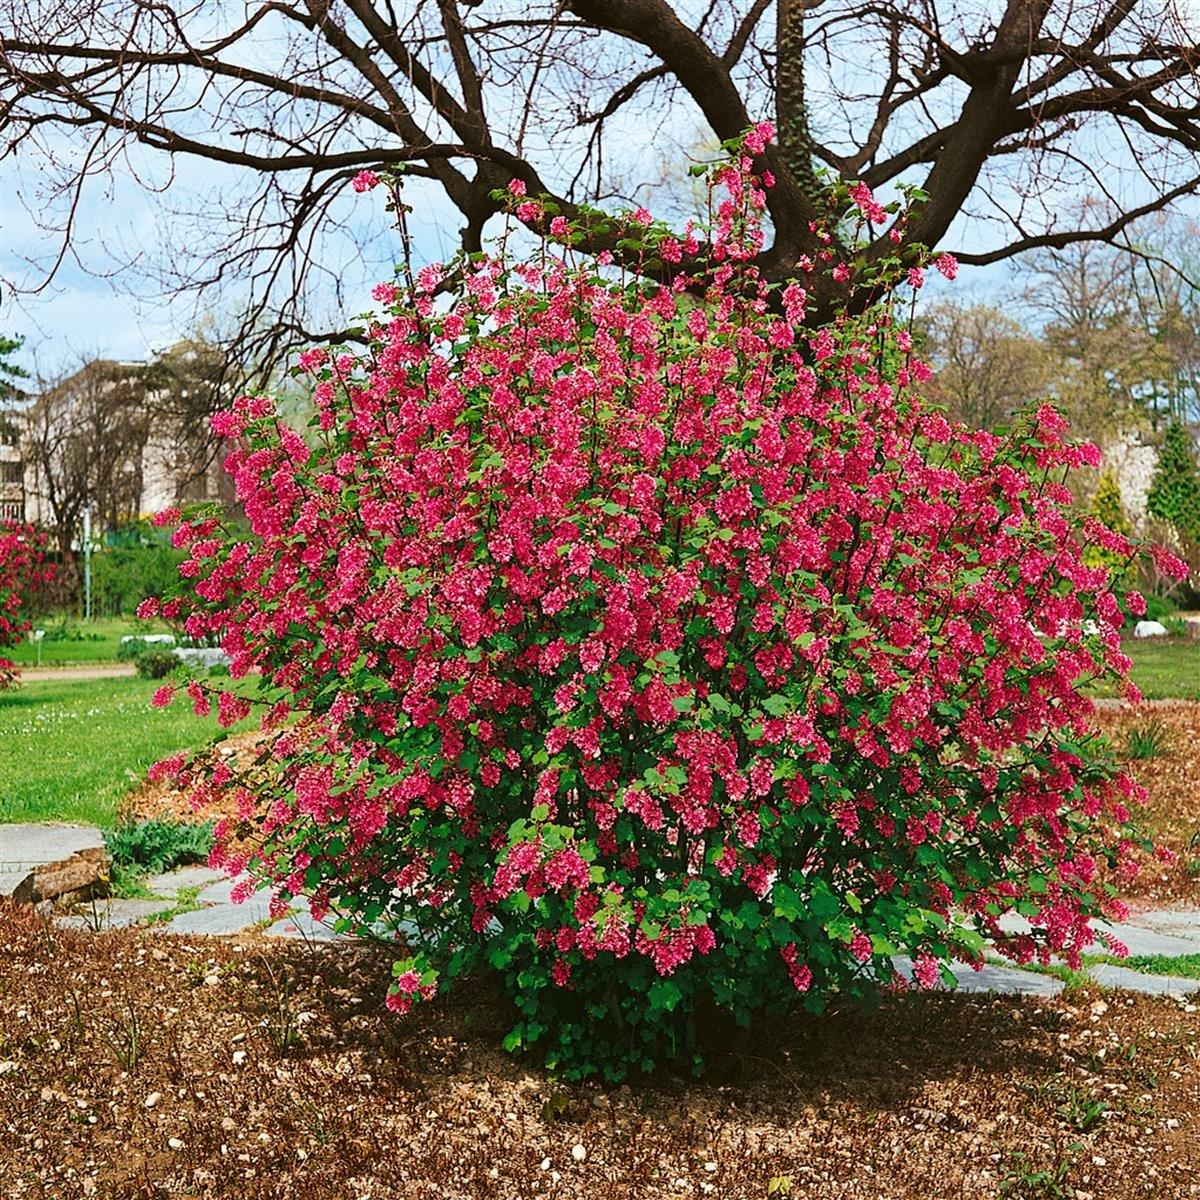 Zierjohannisbeere rosa rot blühend 1 Strauch Amazon Garten